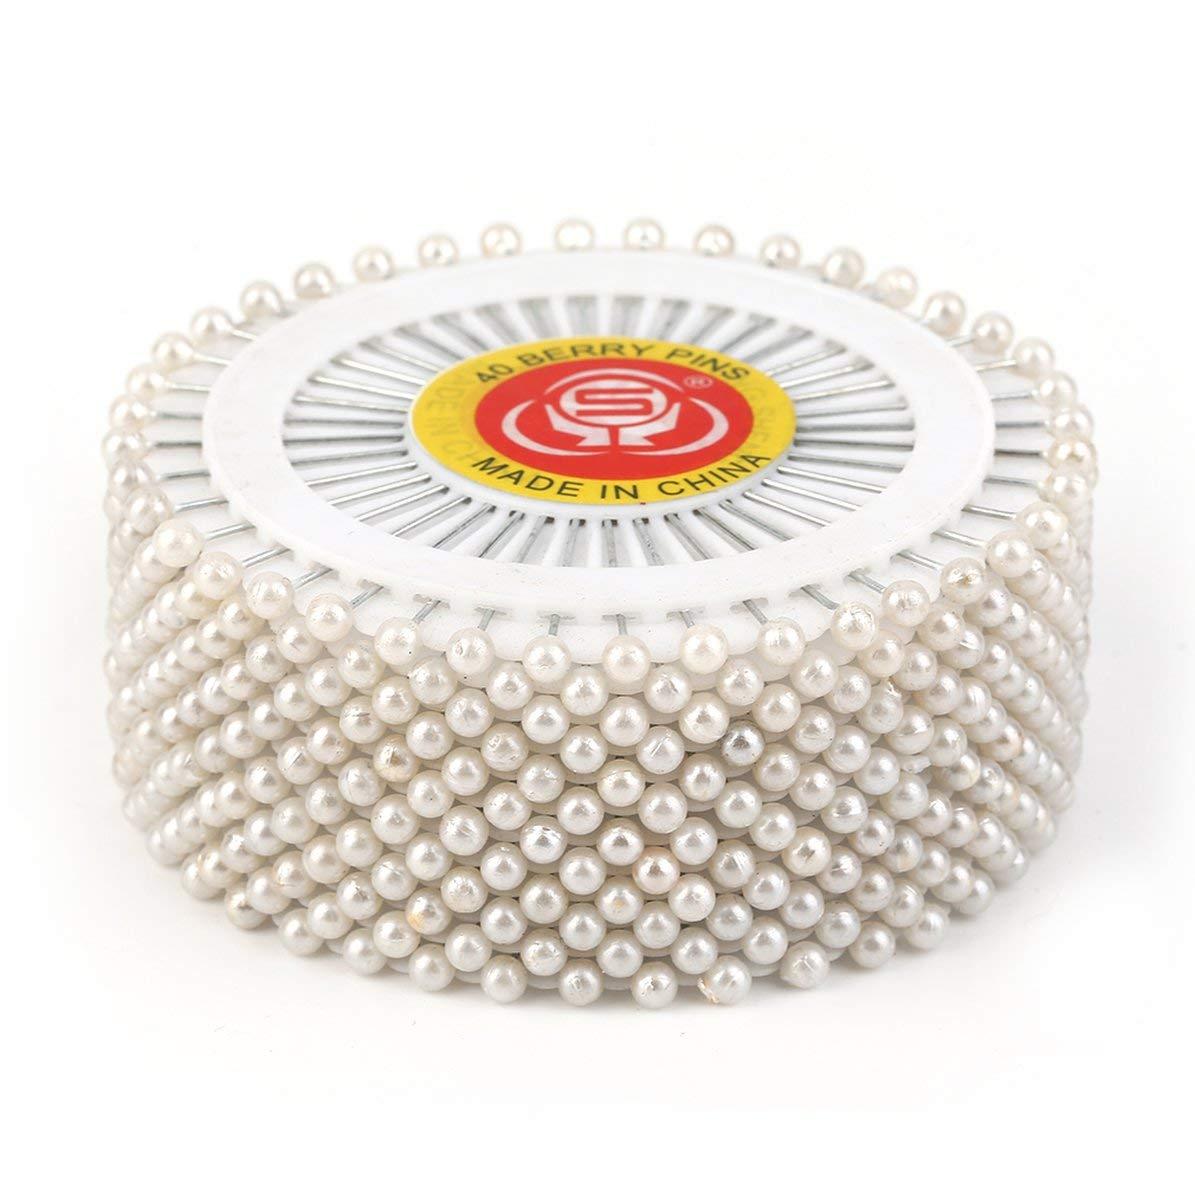 480Pcs Multi Round Testa di perla Spille per matrimoni Matrimoni Corsage Fioristi Strumenti di cucito Donne Mini palla Accessori artigianali fatti a mano DoMoment